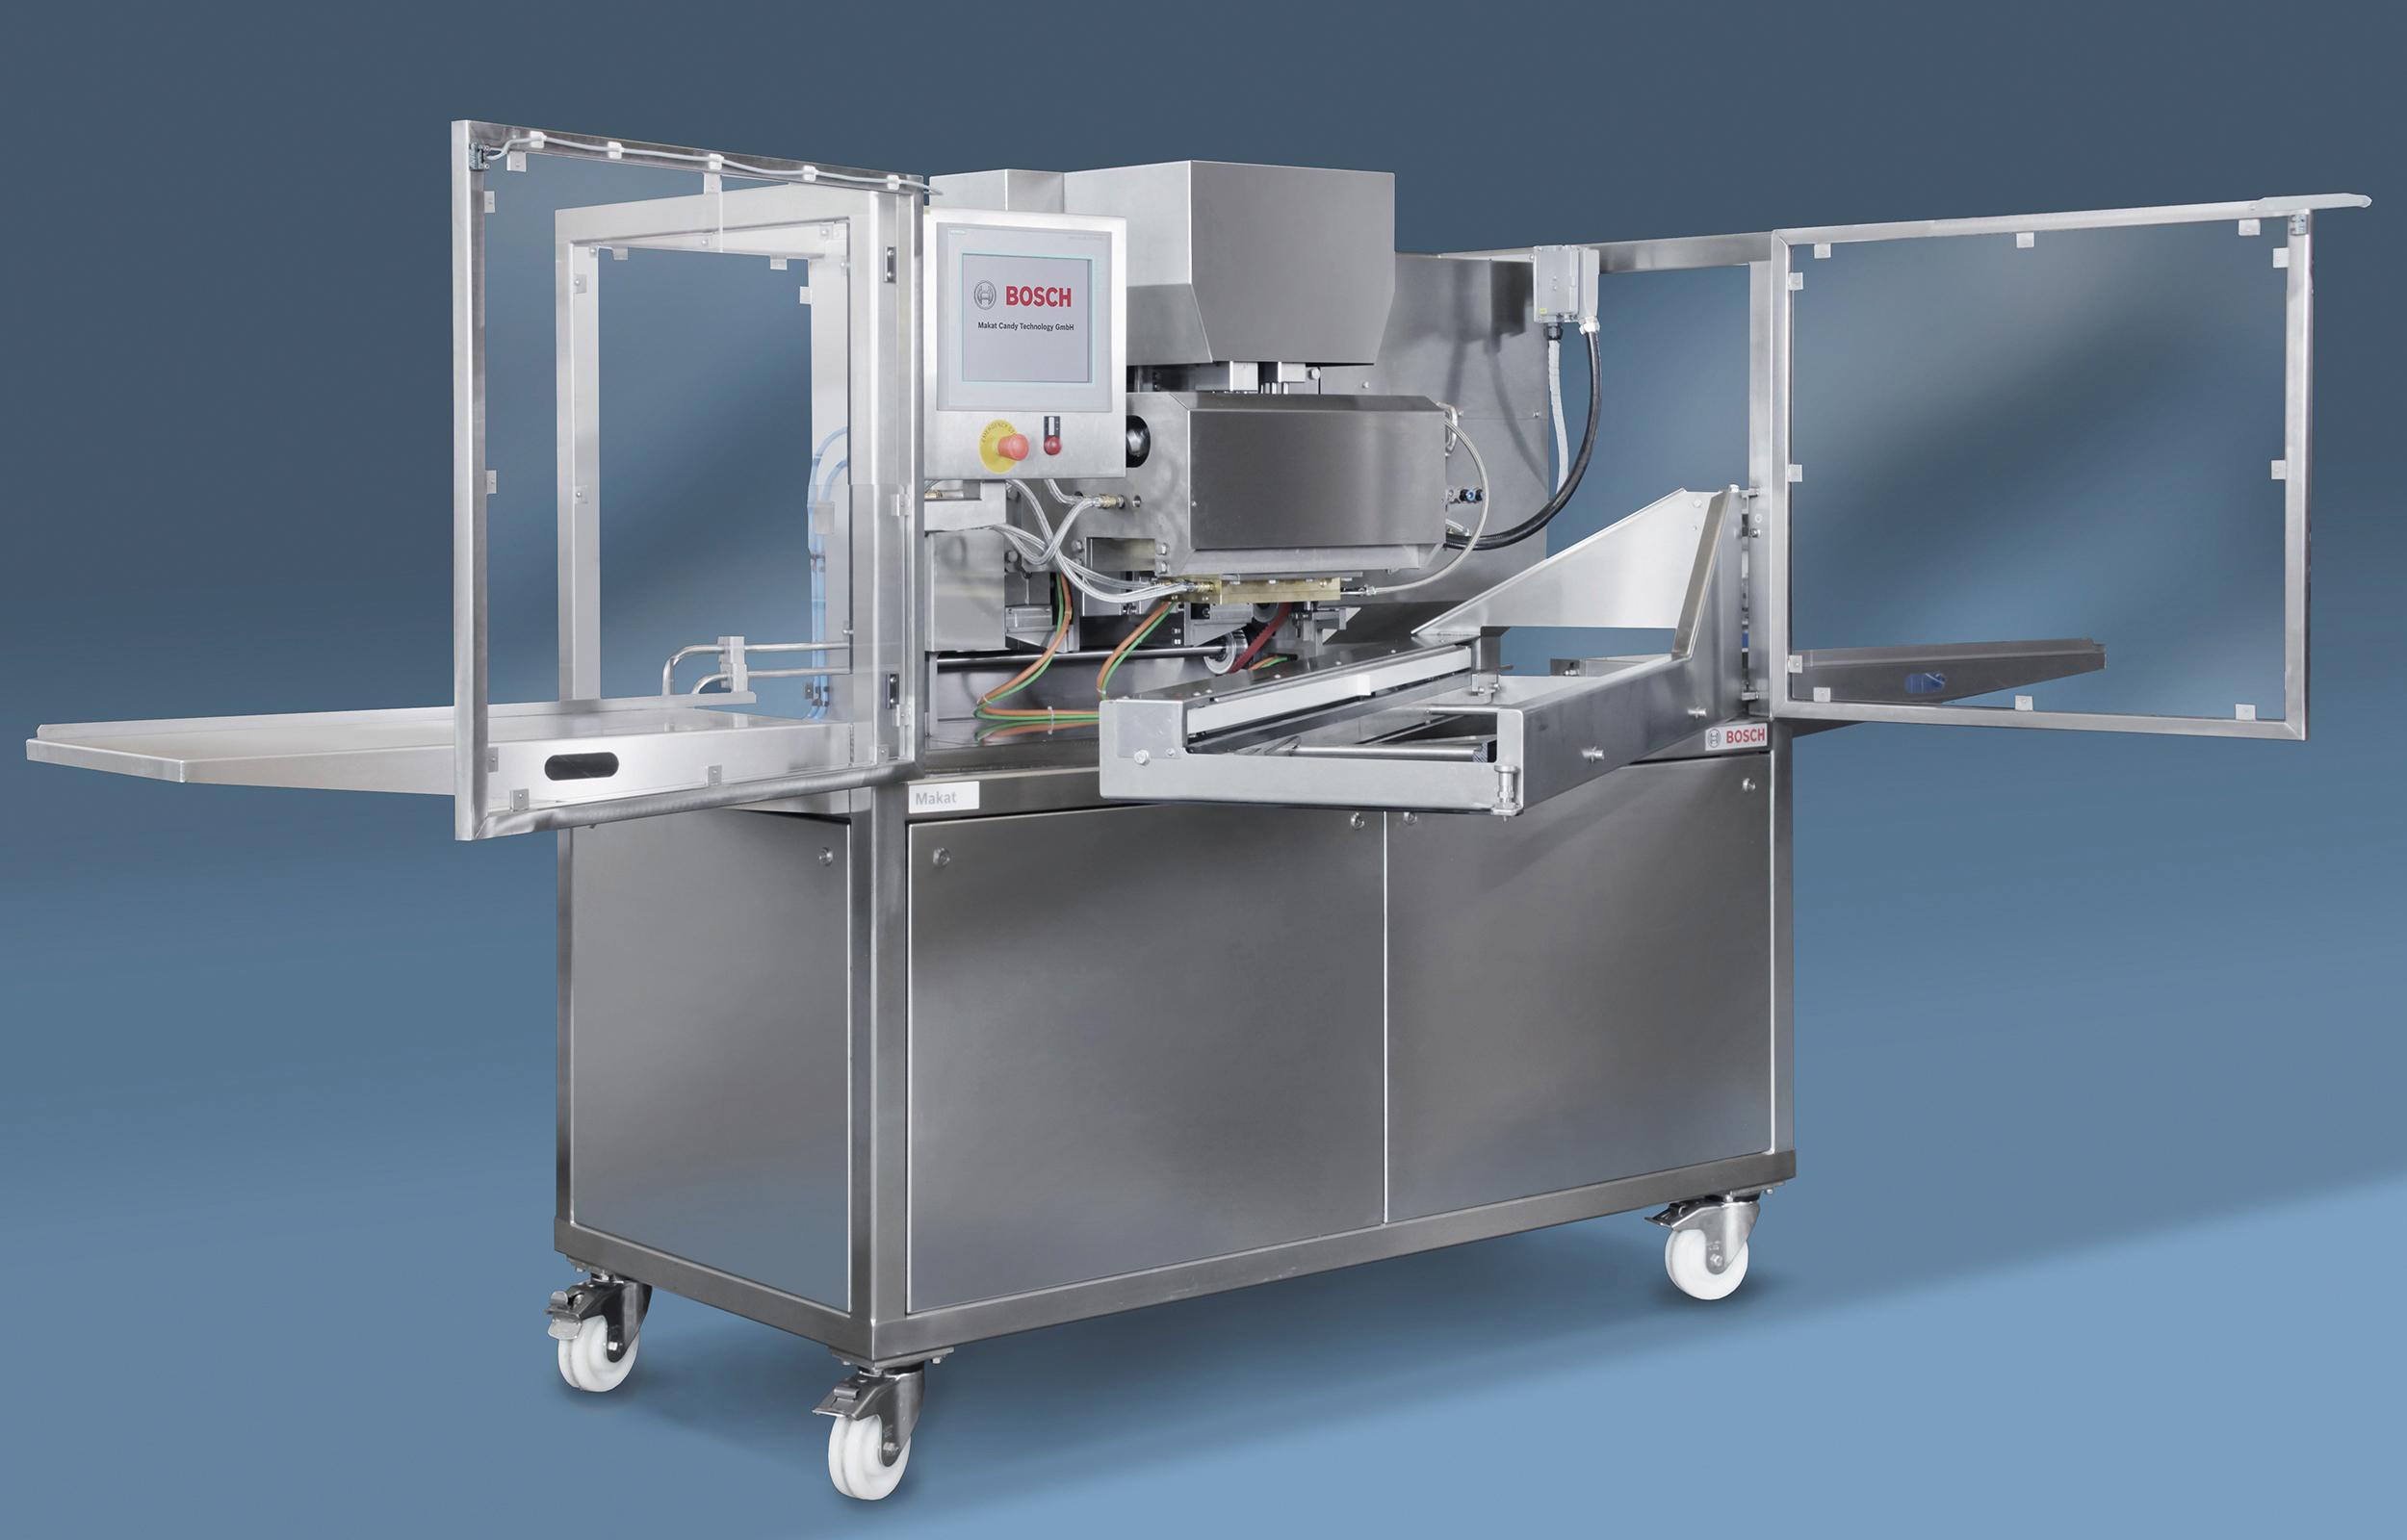 Laborgießmaschine GML03 von Bosch ermöglicht umfassendes Testen vor Ort